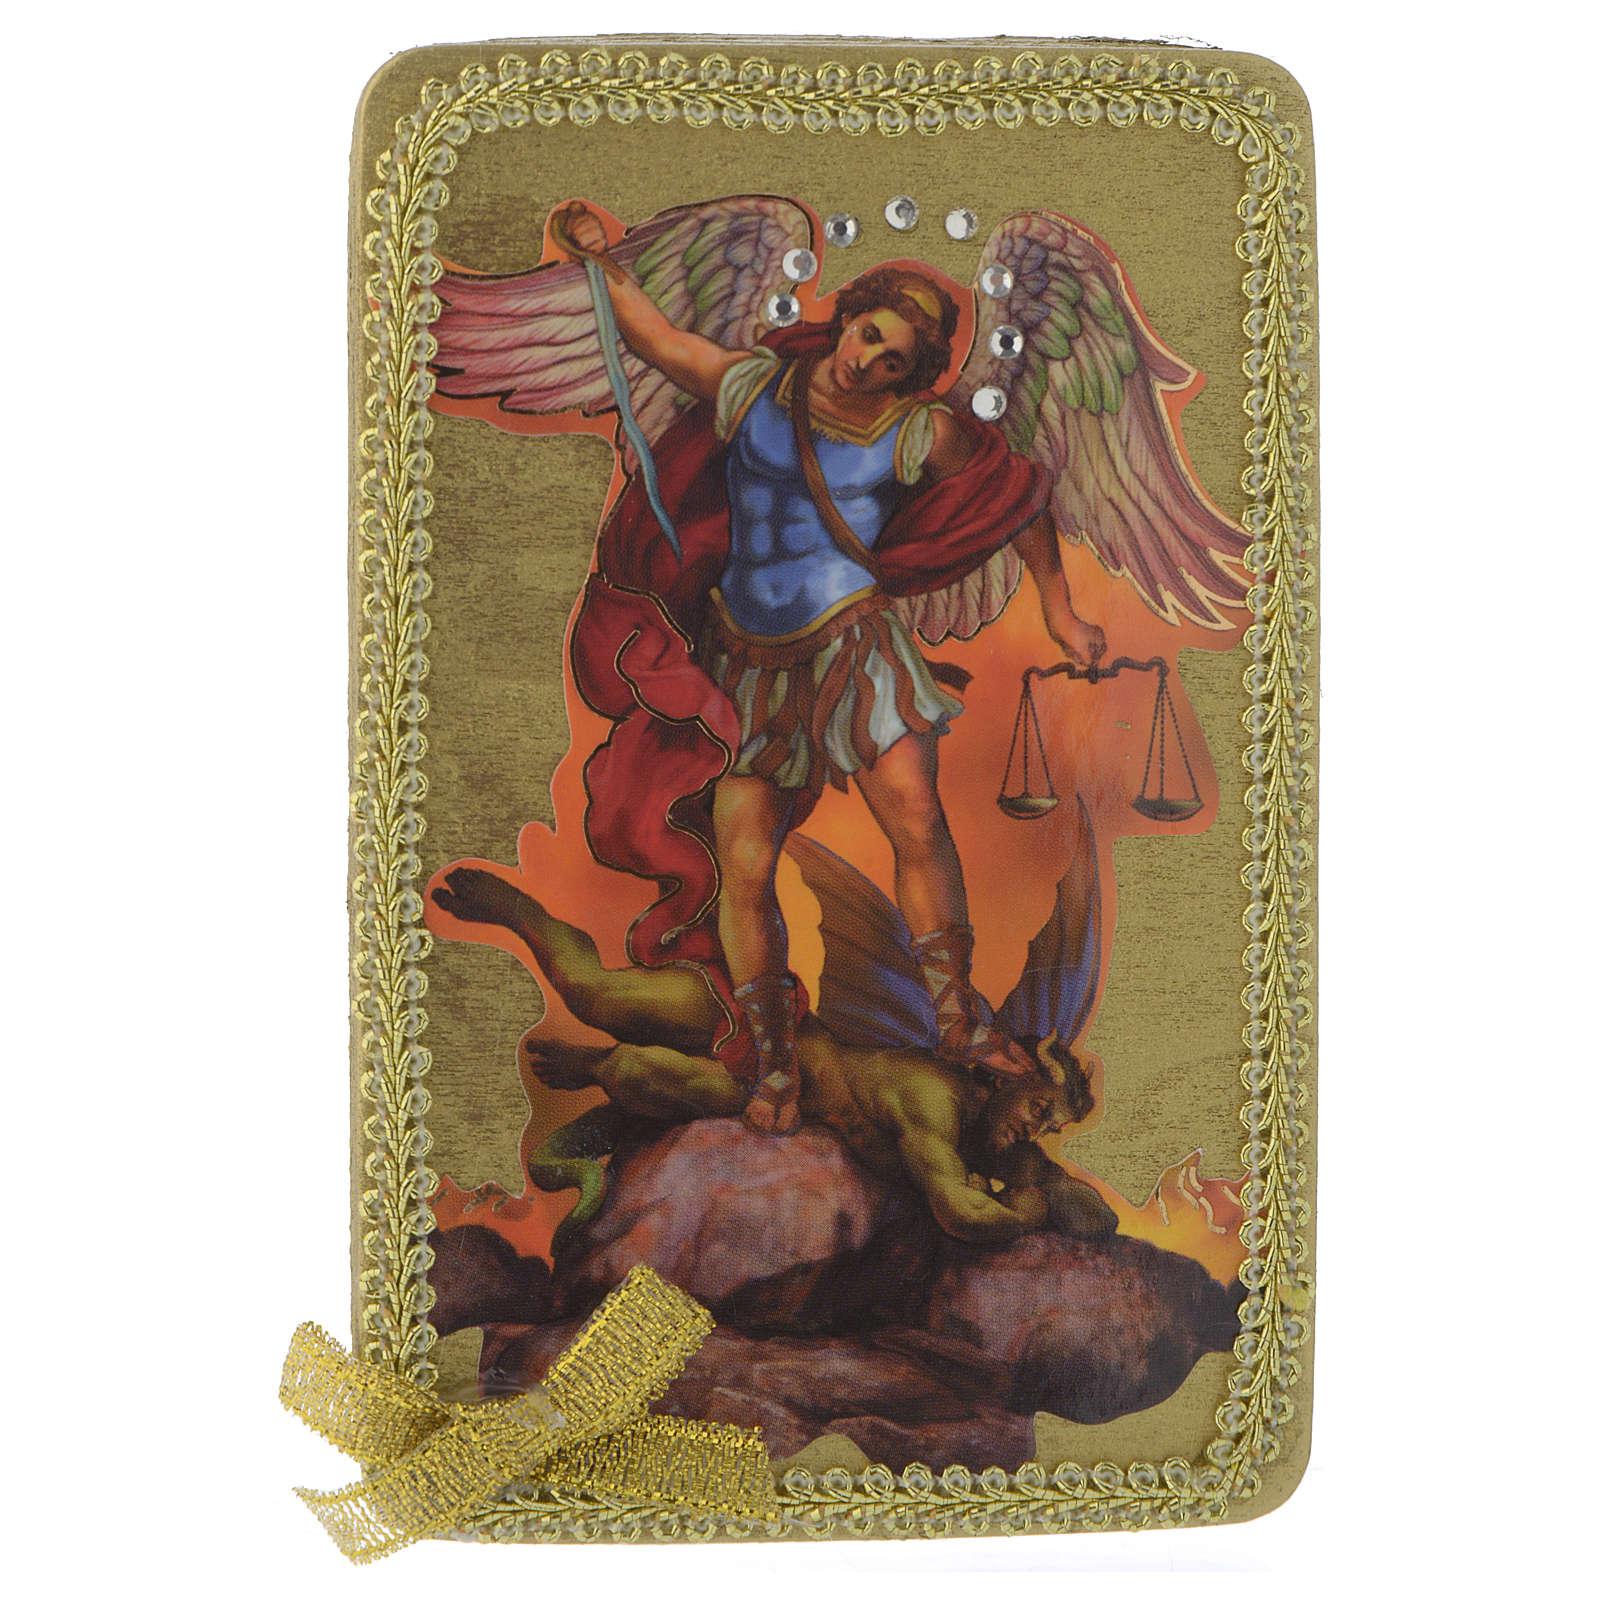 Obraz święty Michał drewno 3